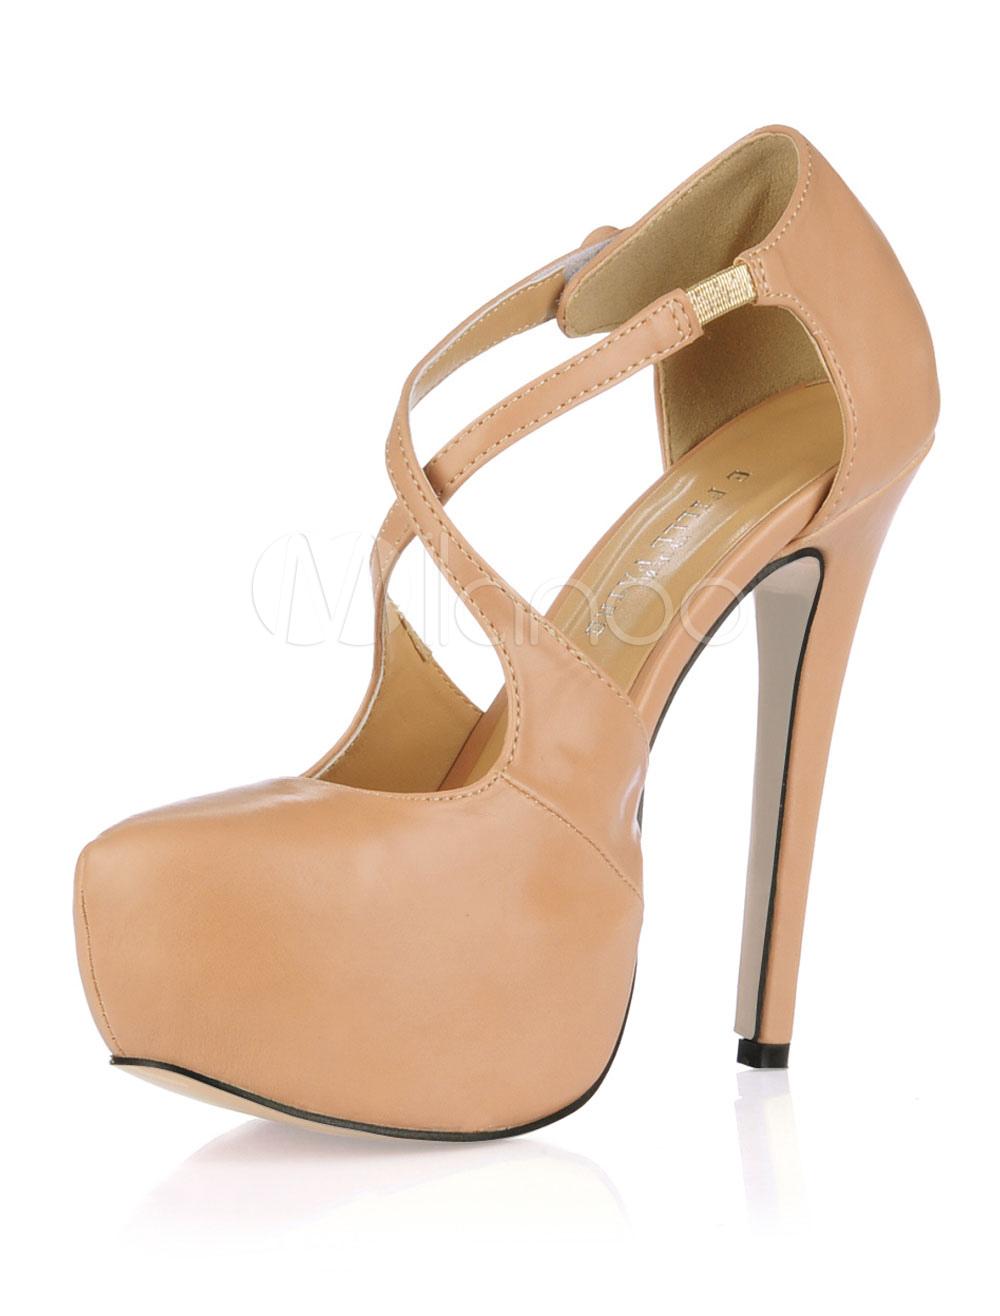 8ff9c1999d7 Zapatos de Tacón Alto para Mujer 2019 con Plataforma Punta de Almendra  Entrecruzado con Tacón Aguja - Milanoo.com